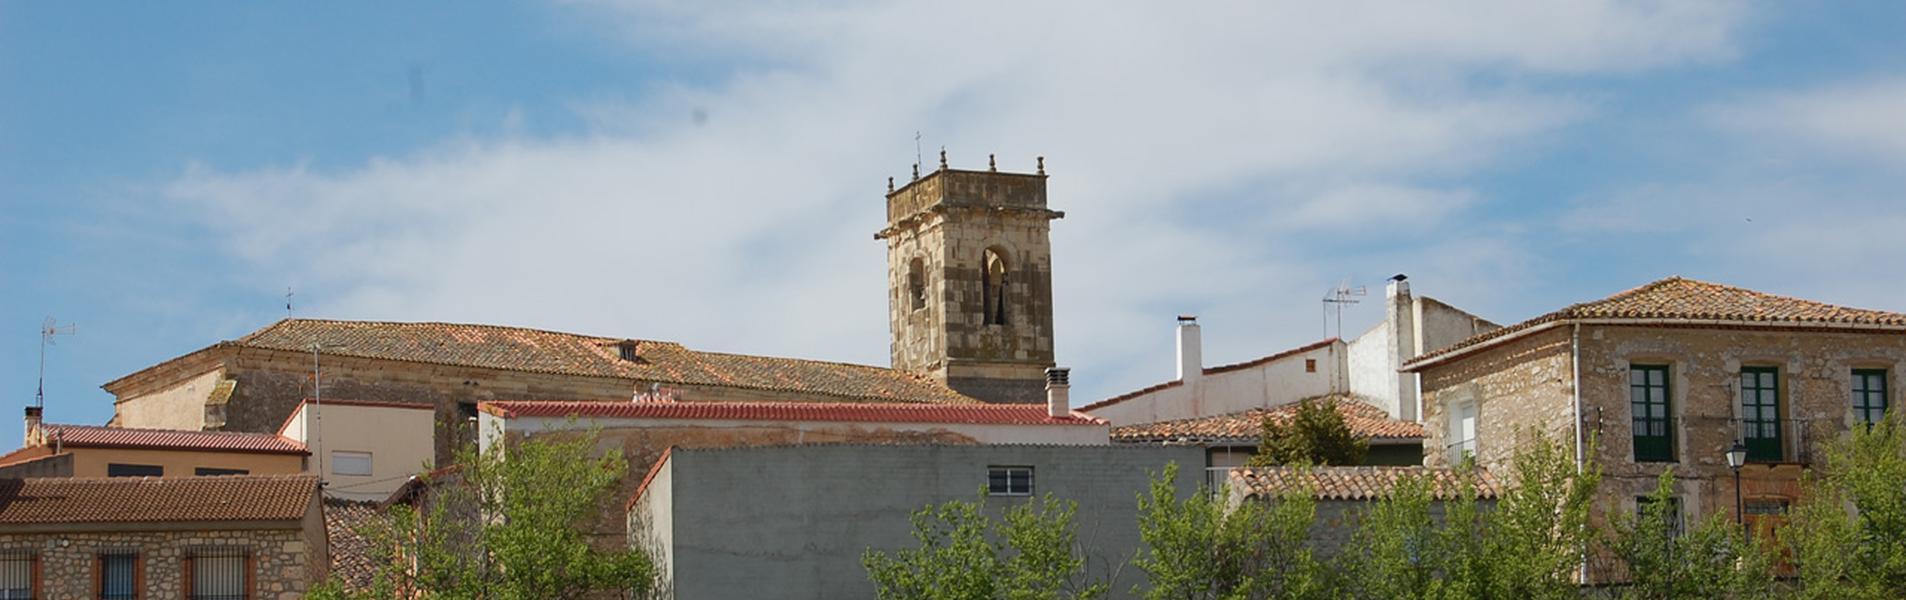 Mirabueno